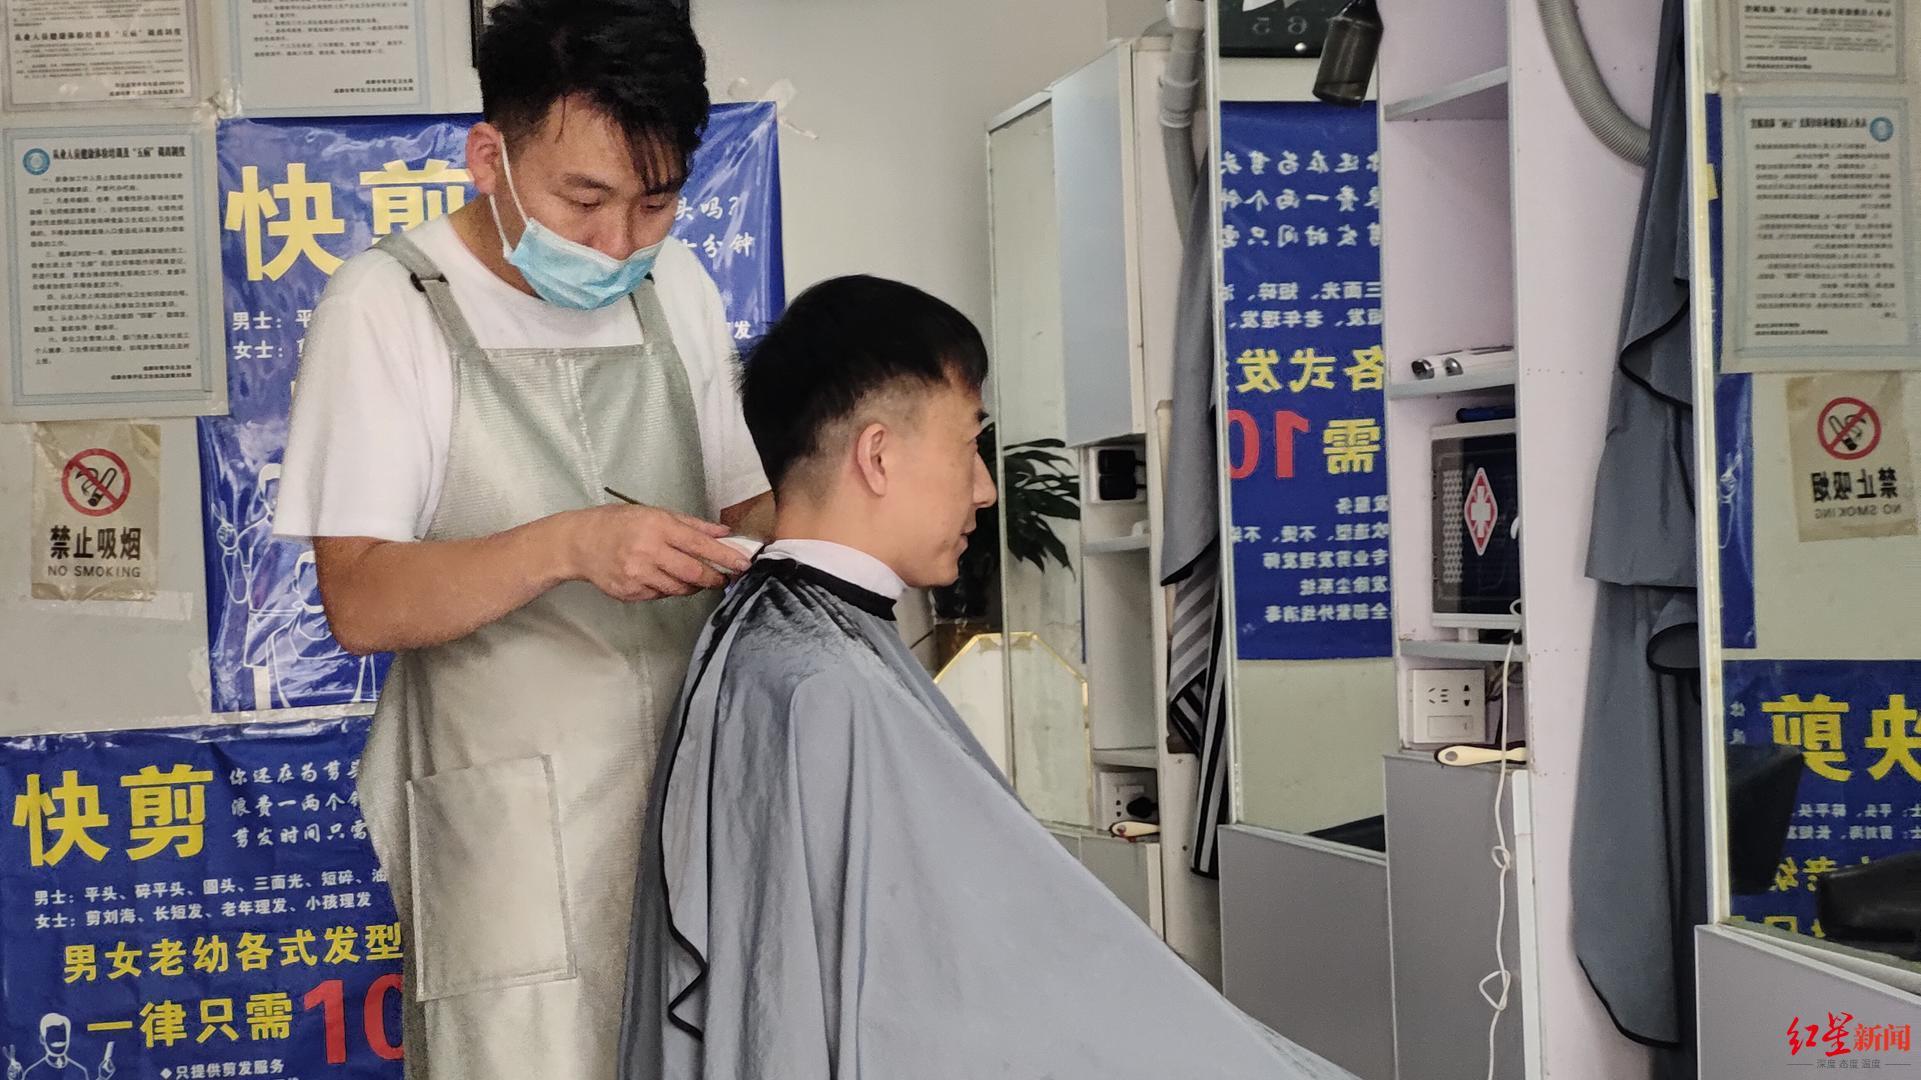 10元快剪理发店调查:男性客人居多 7成是年轻人